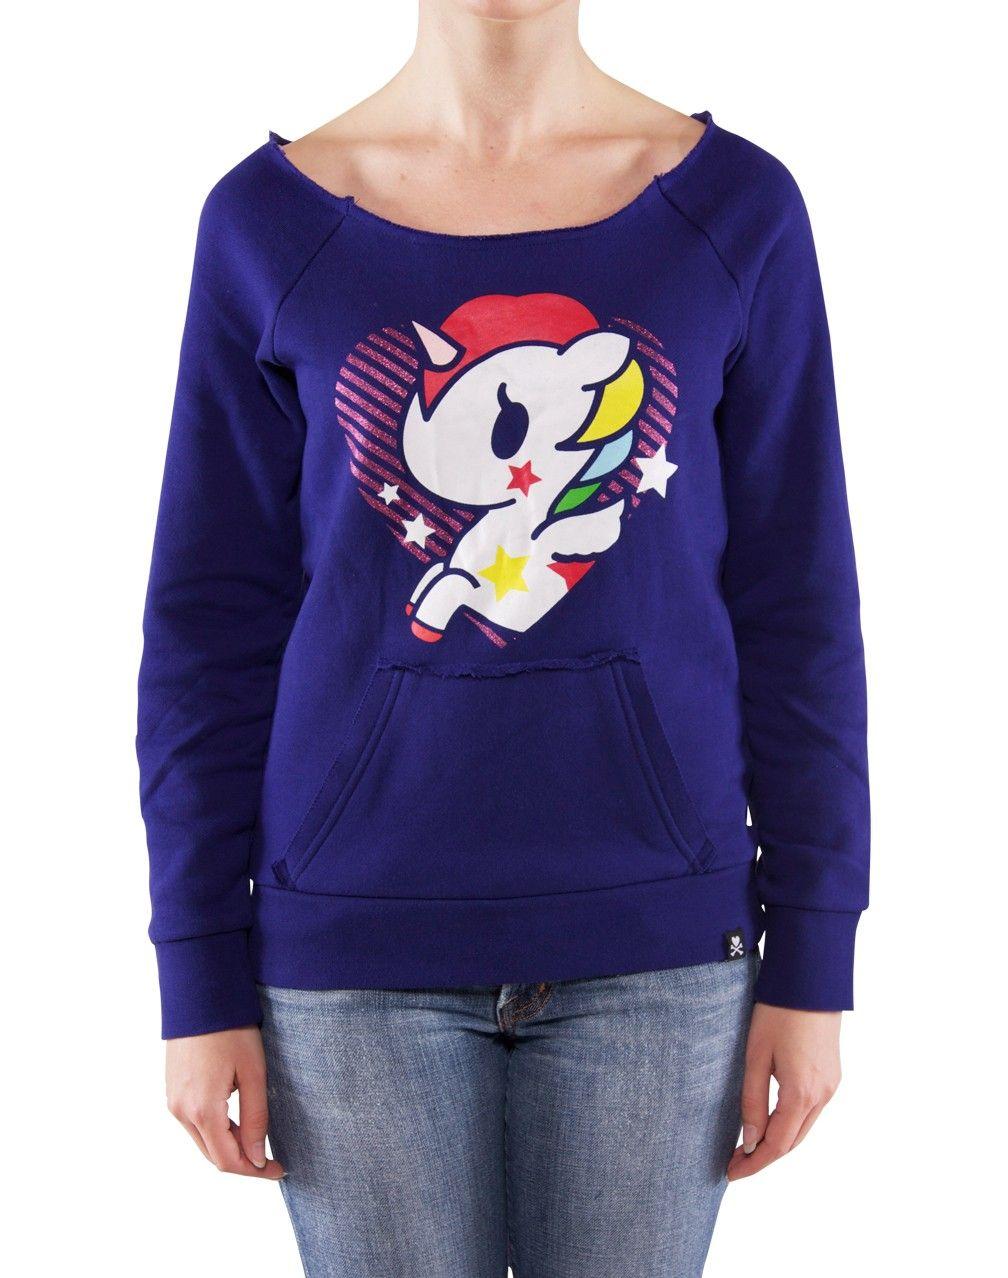 Glitzy Unicorno Womens Sweater $66 #tokidoki #unicorno #unicorn